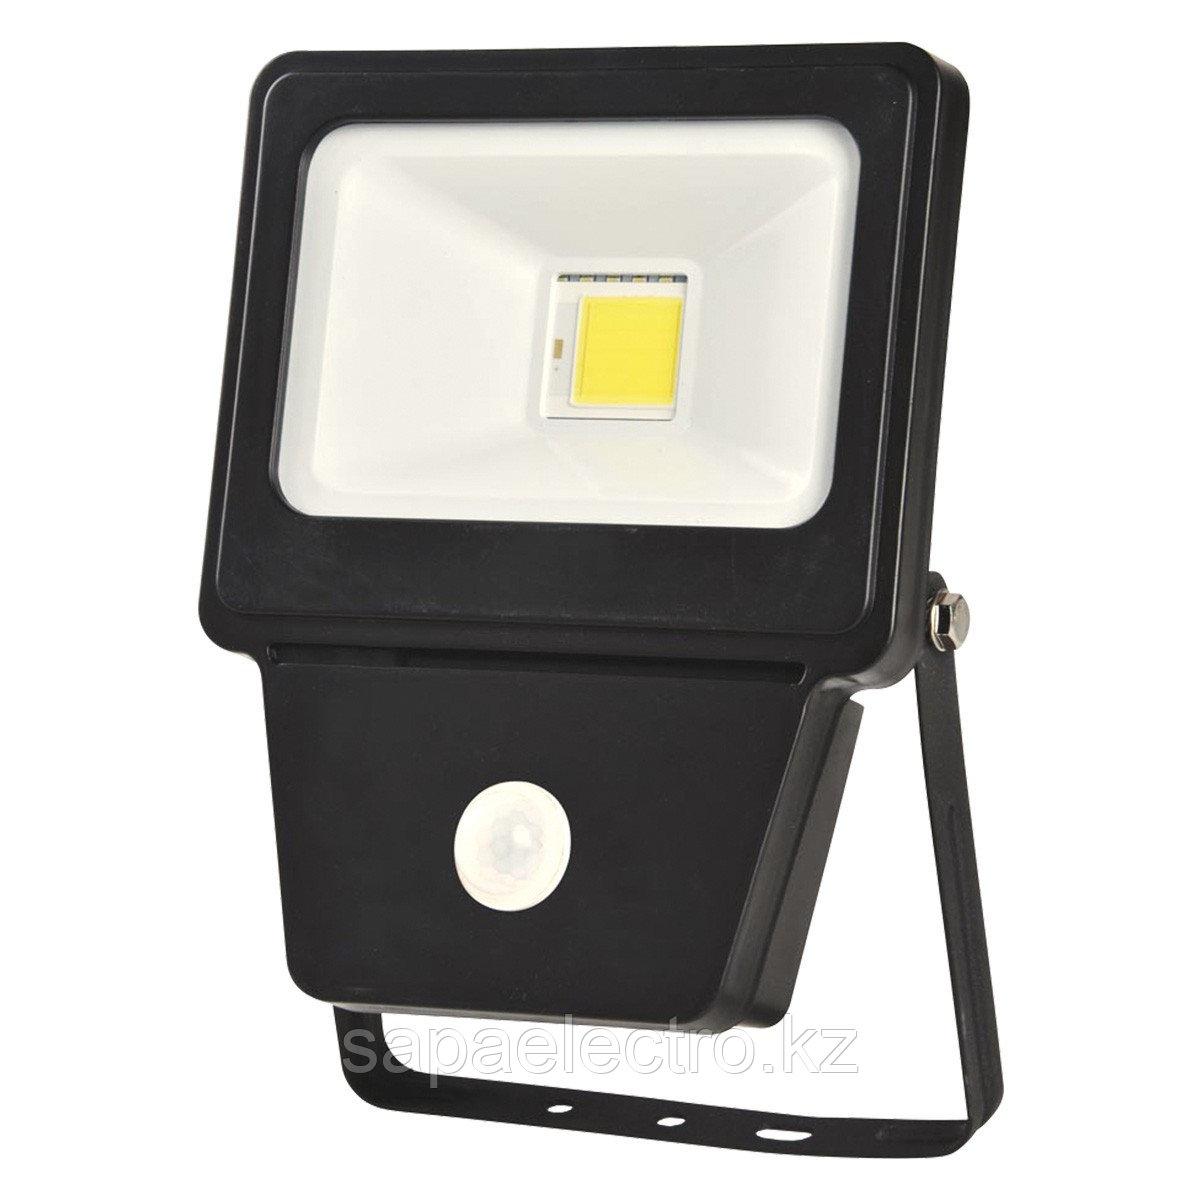 Prozhektor LED COB SENSOR 20W BLACK 6000K (TT)28sh